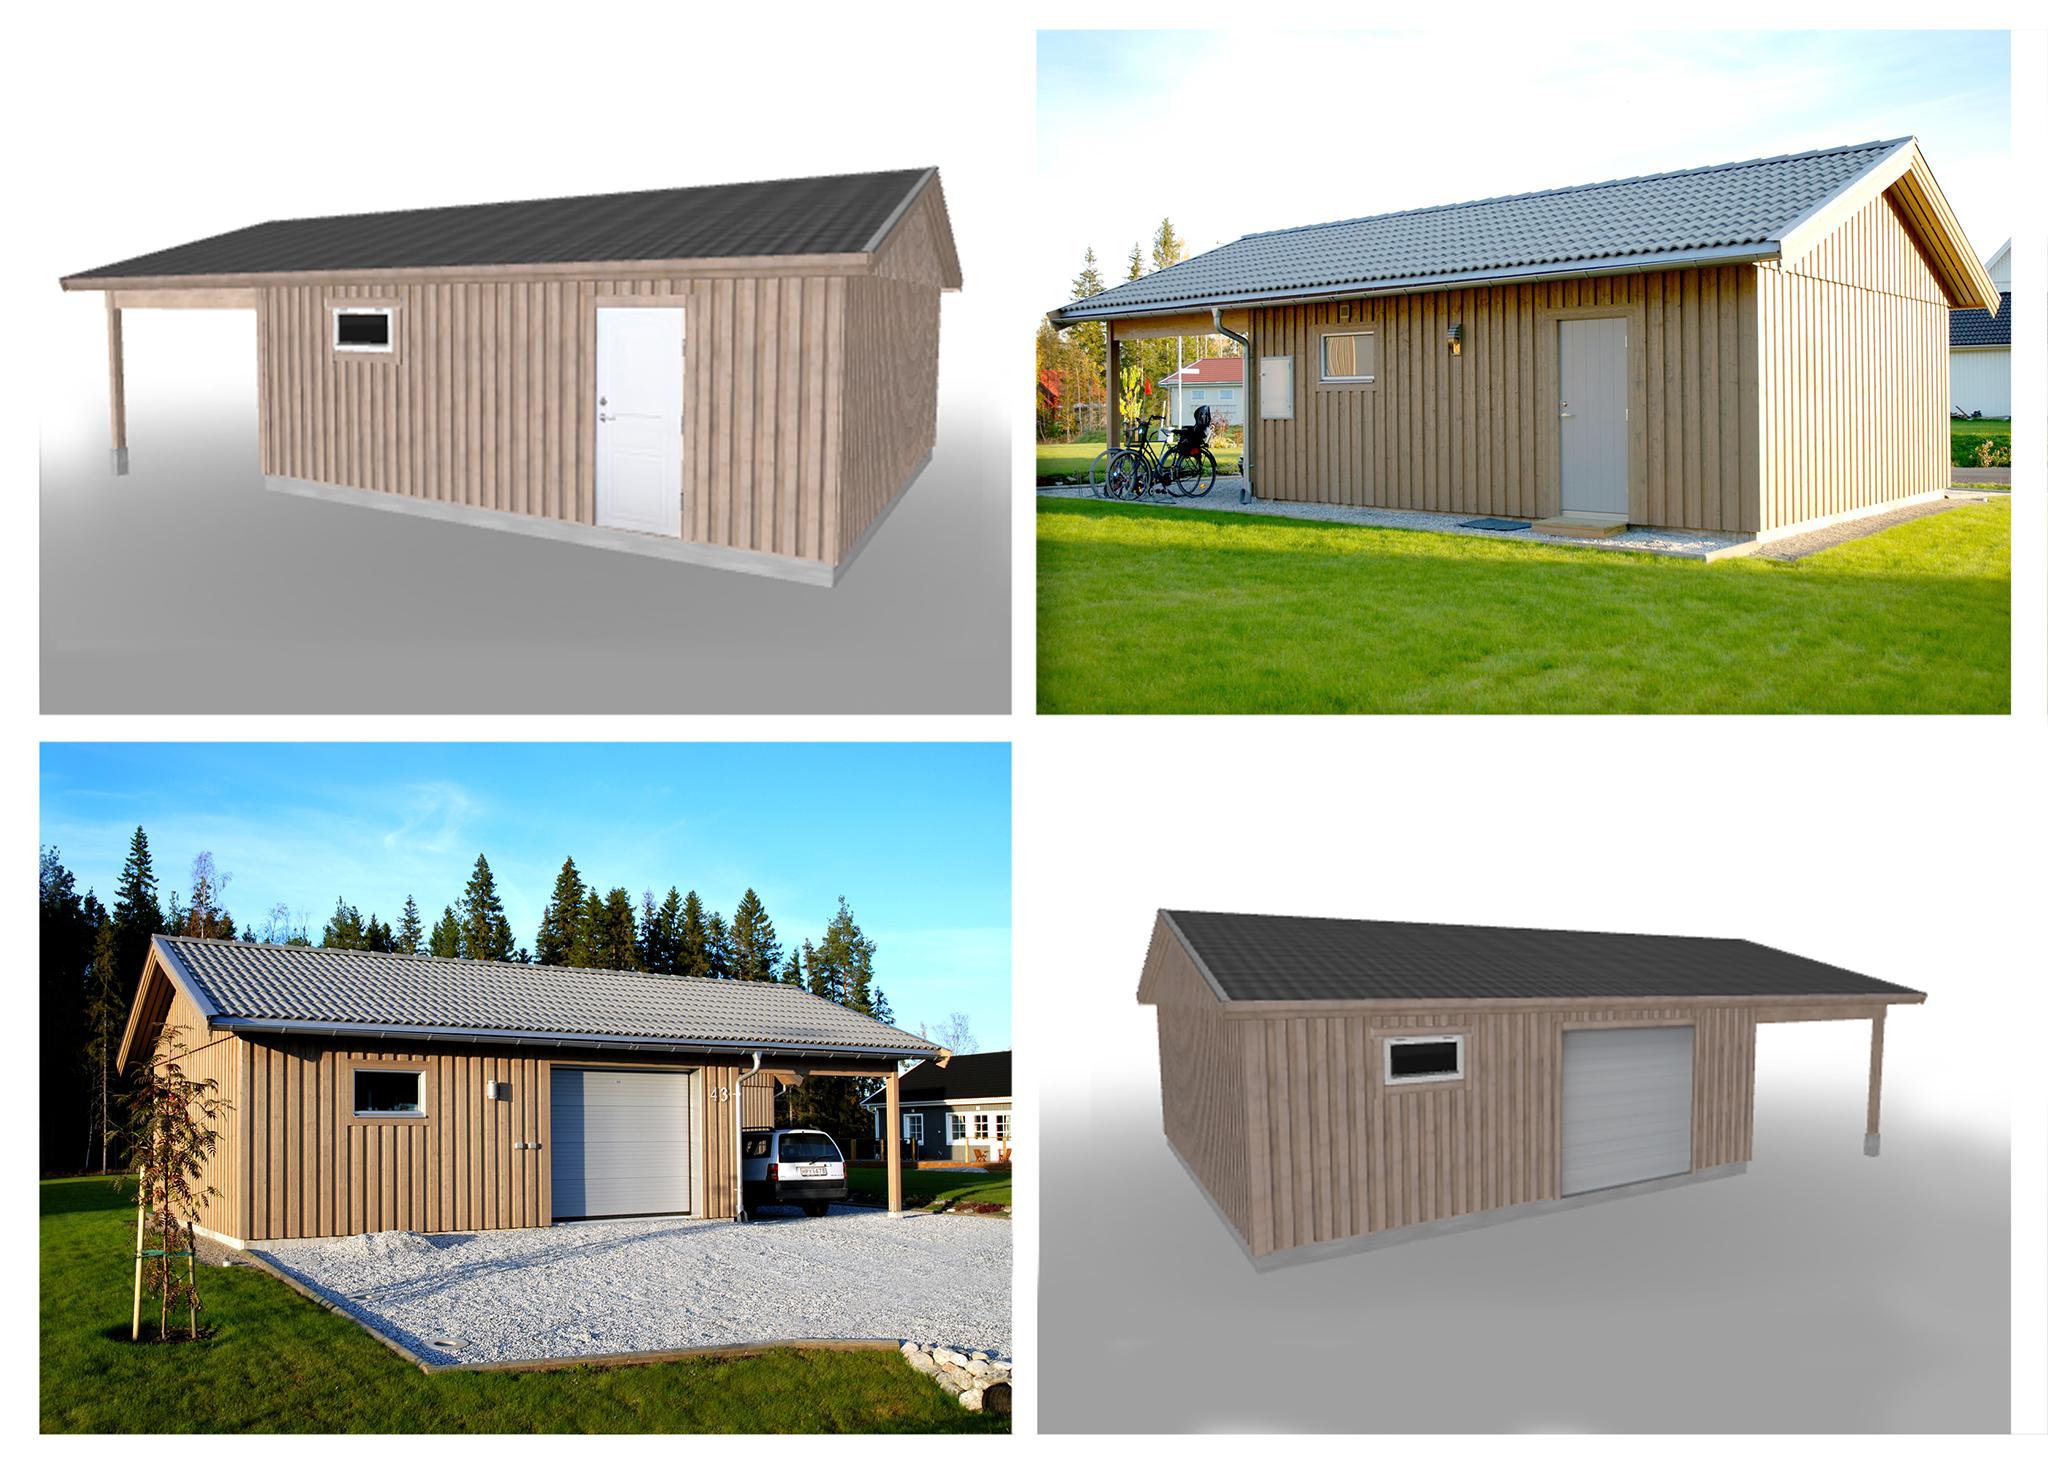 Rita upp din byggnad online direkt på vår webb